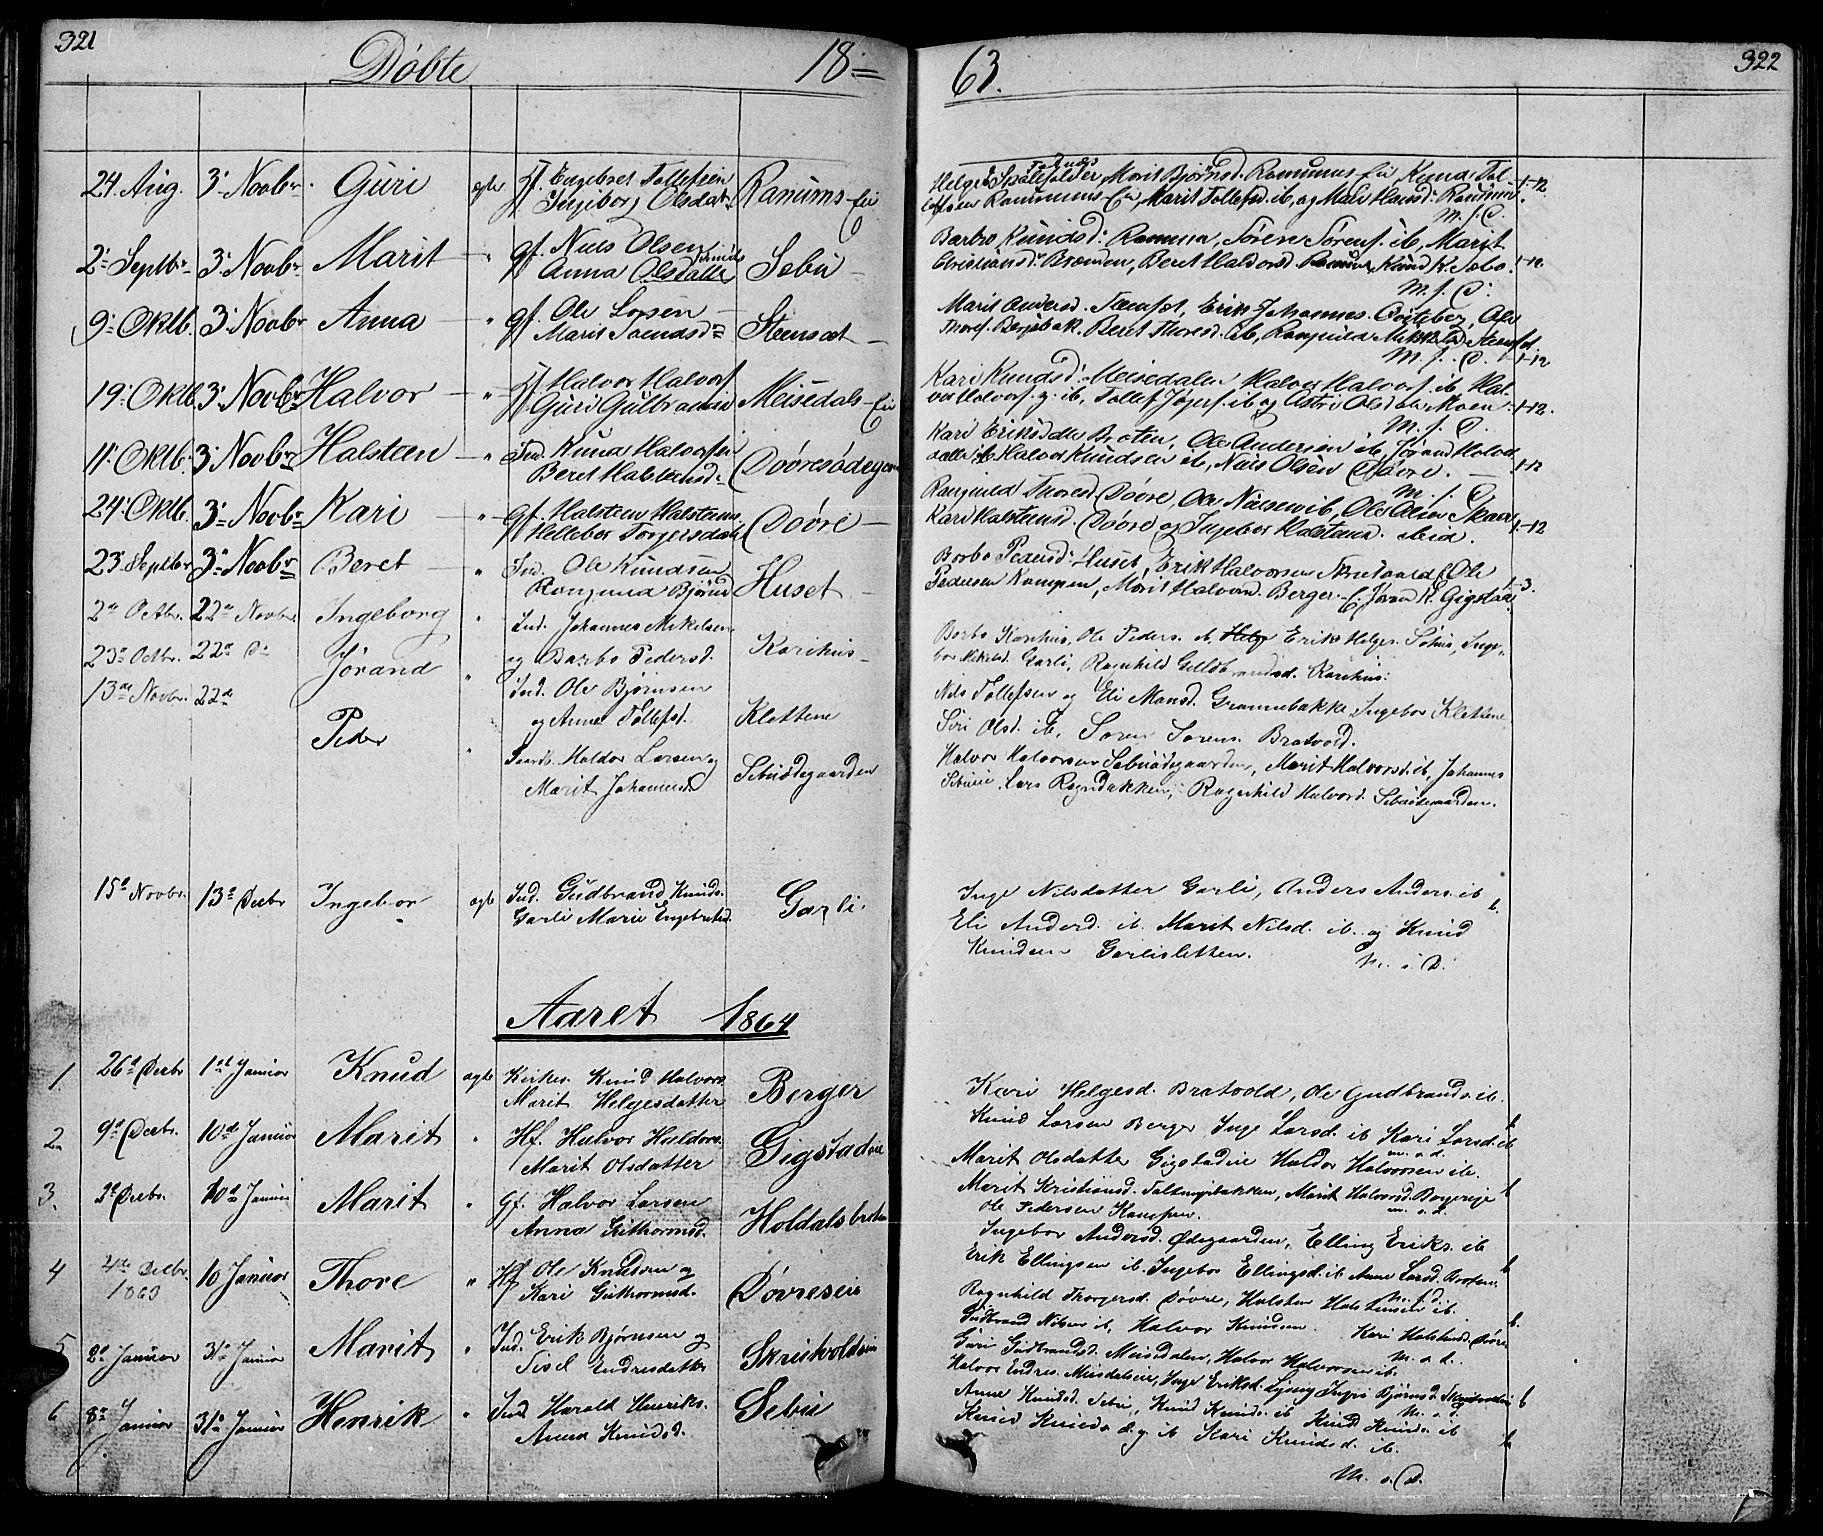 SAH, Nord-Aurdal prestekontor, Klokkerbok nr. 1, 1834-1887, s. 321-322